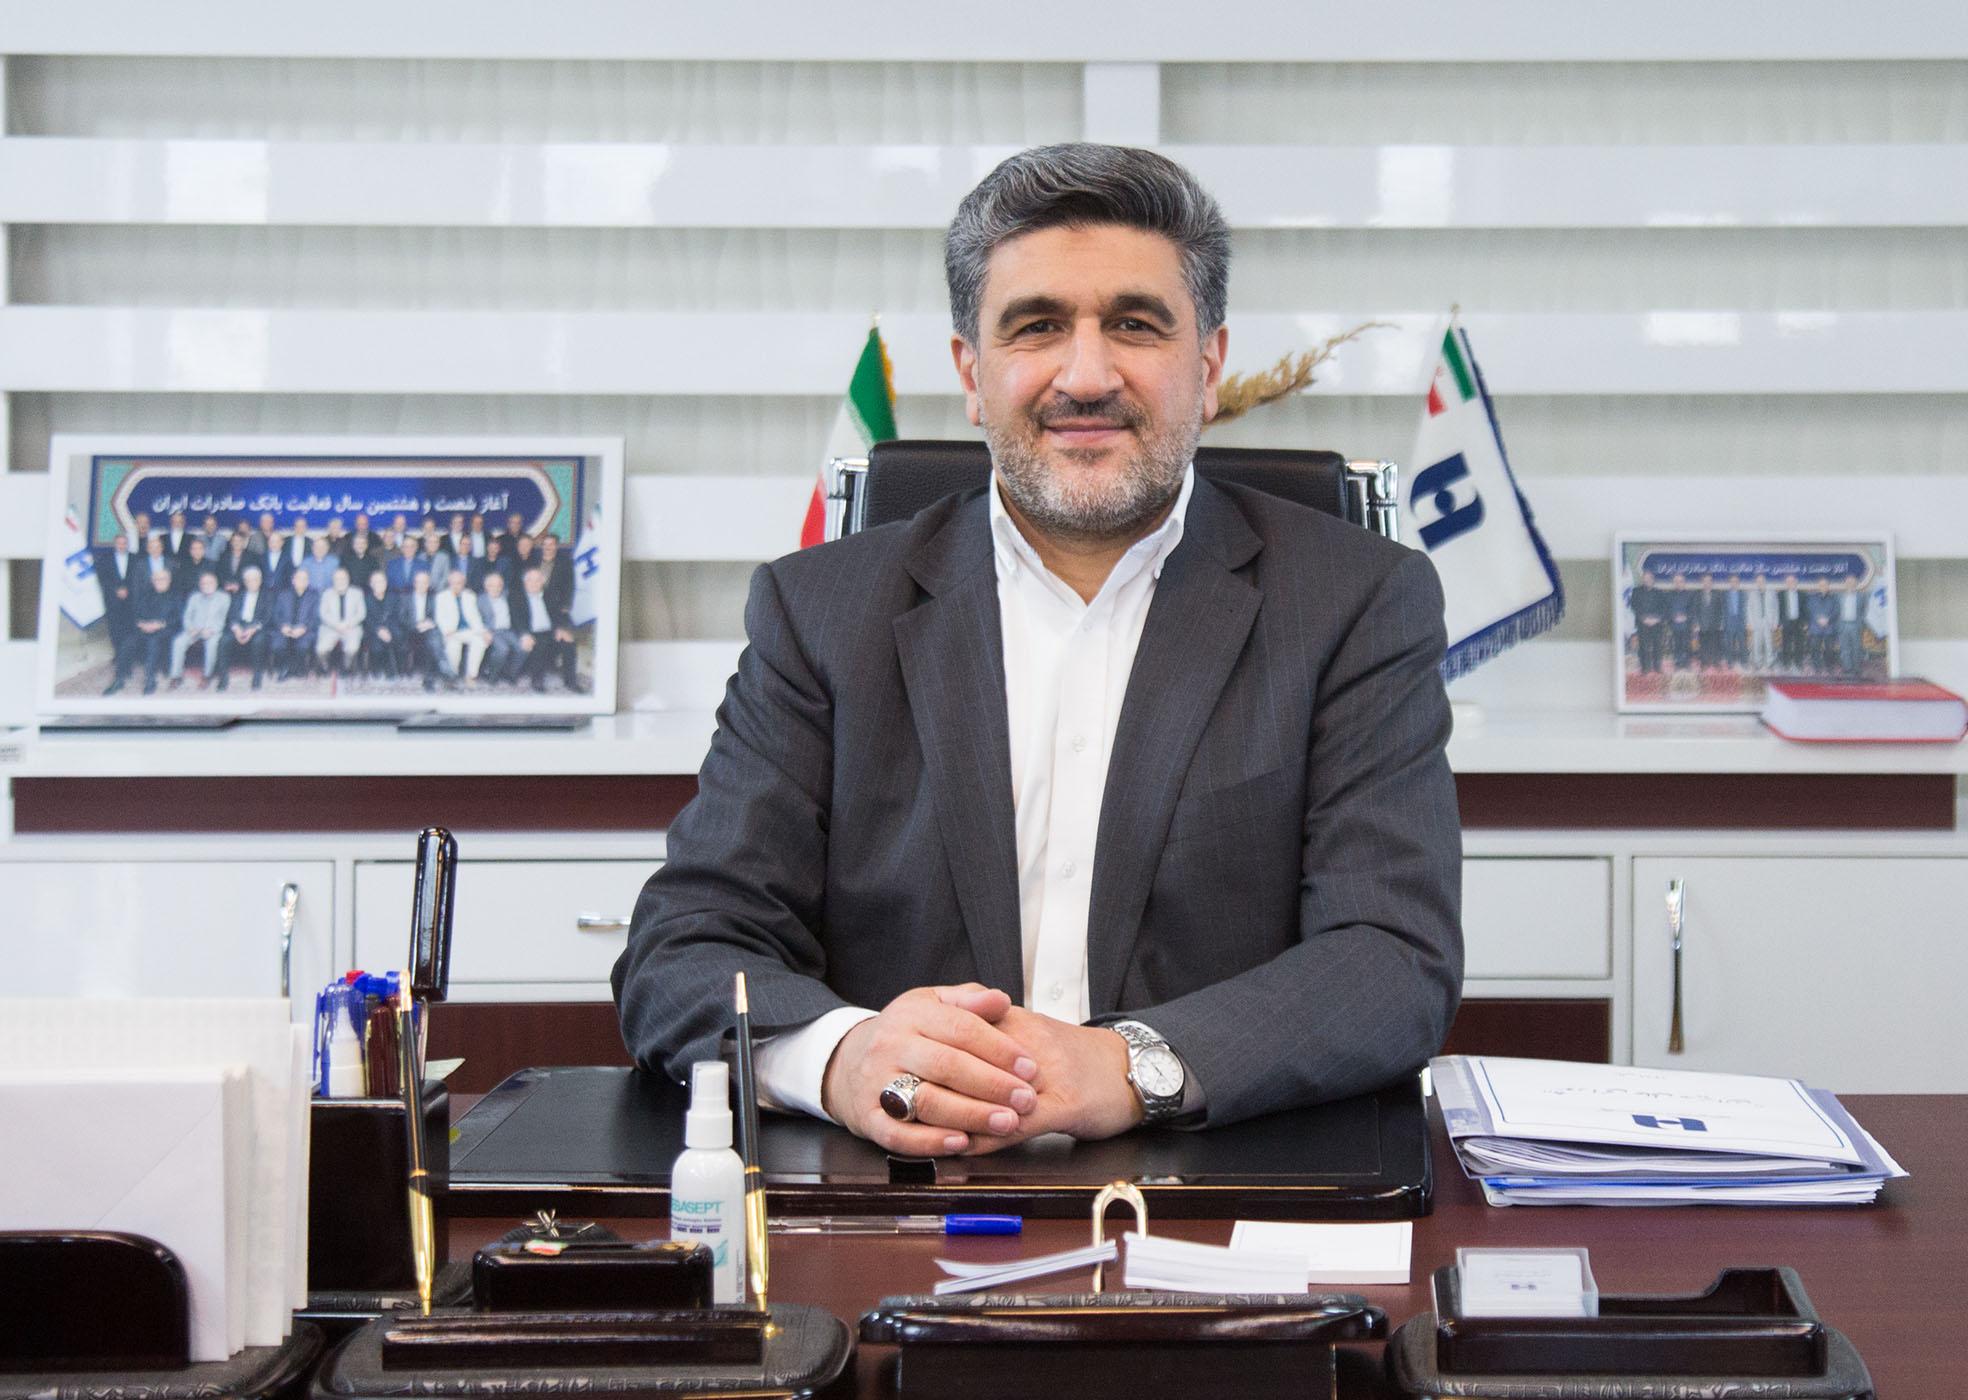 حجتاله صیدی:مانعي براي تحقق سود در بانک صادرات ایران نميبينم/ ٩ هزار ميليارد تومان تسهيلات ويژه كرونا تخصیص میدهیم